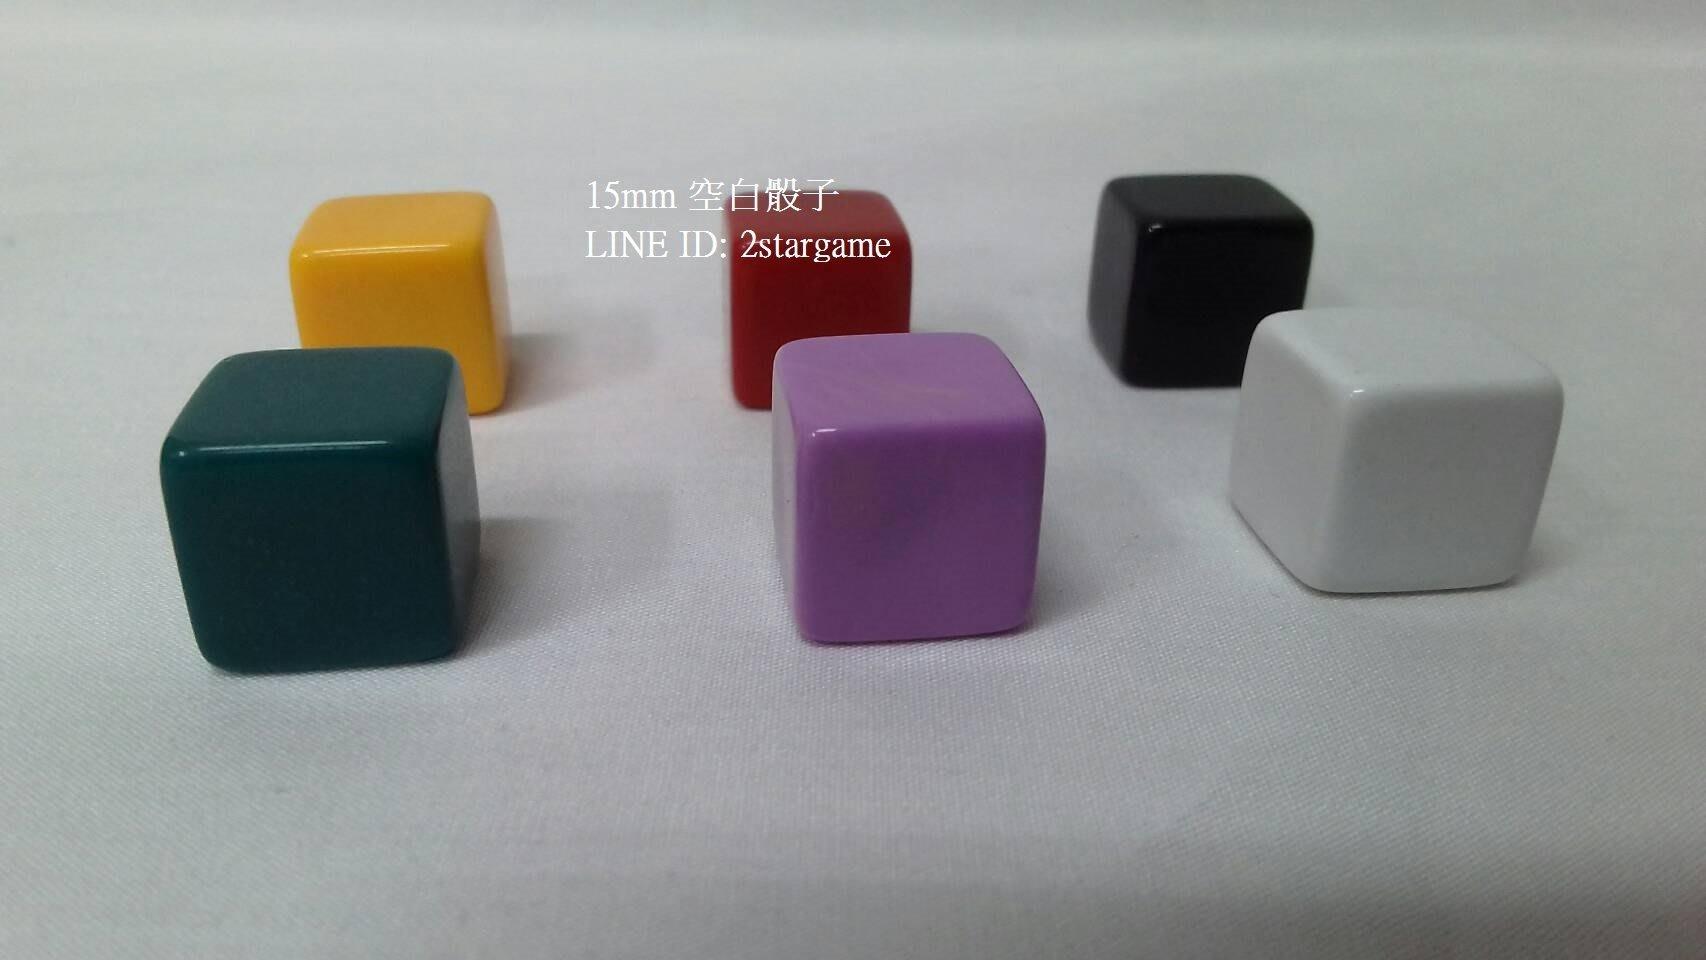 【雙子星】六面空白骰子 6面 15*15*15mm Dice 適用 桌遊 幼教 Pandemic 瘟疫危機 播棋